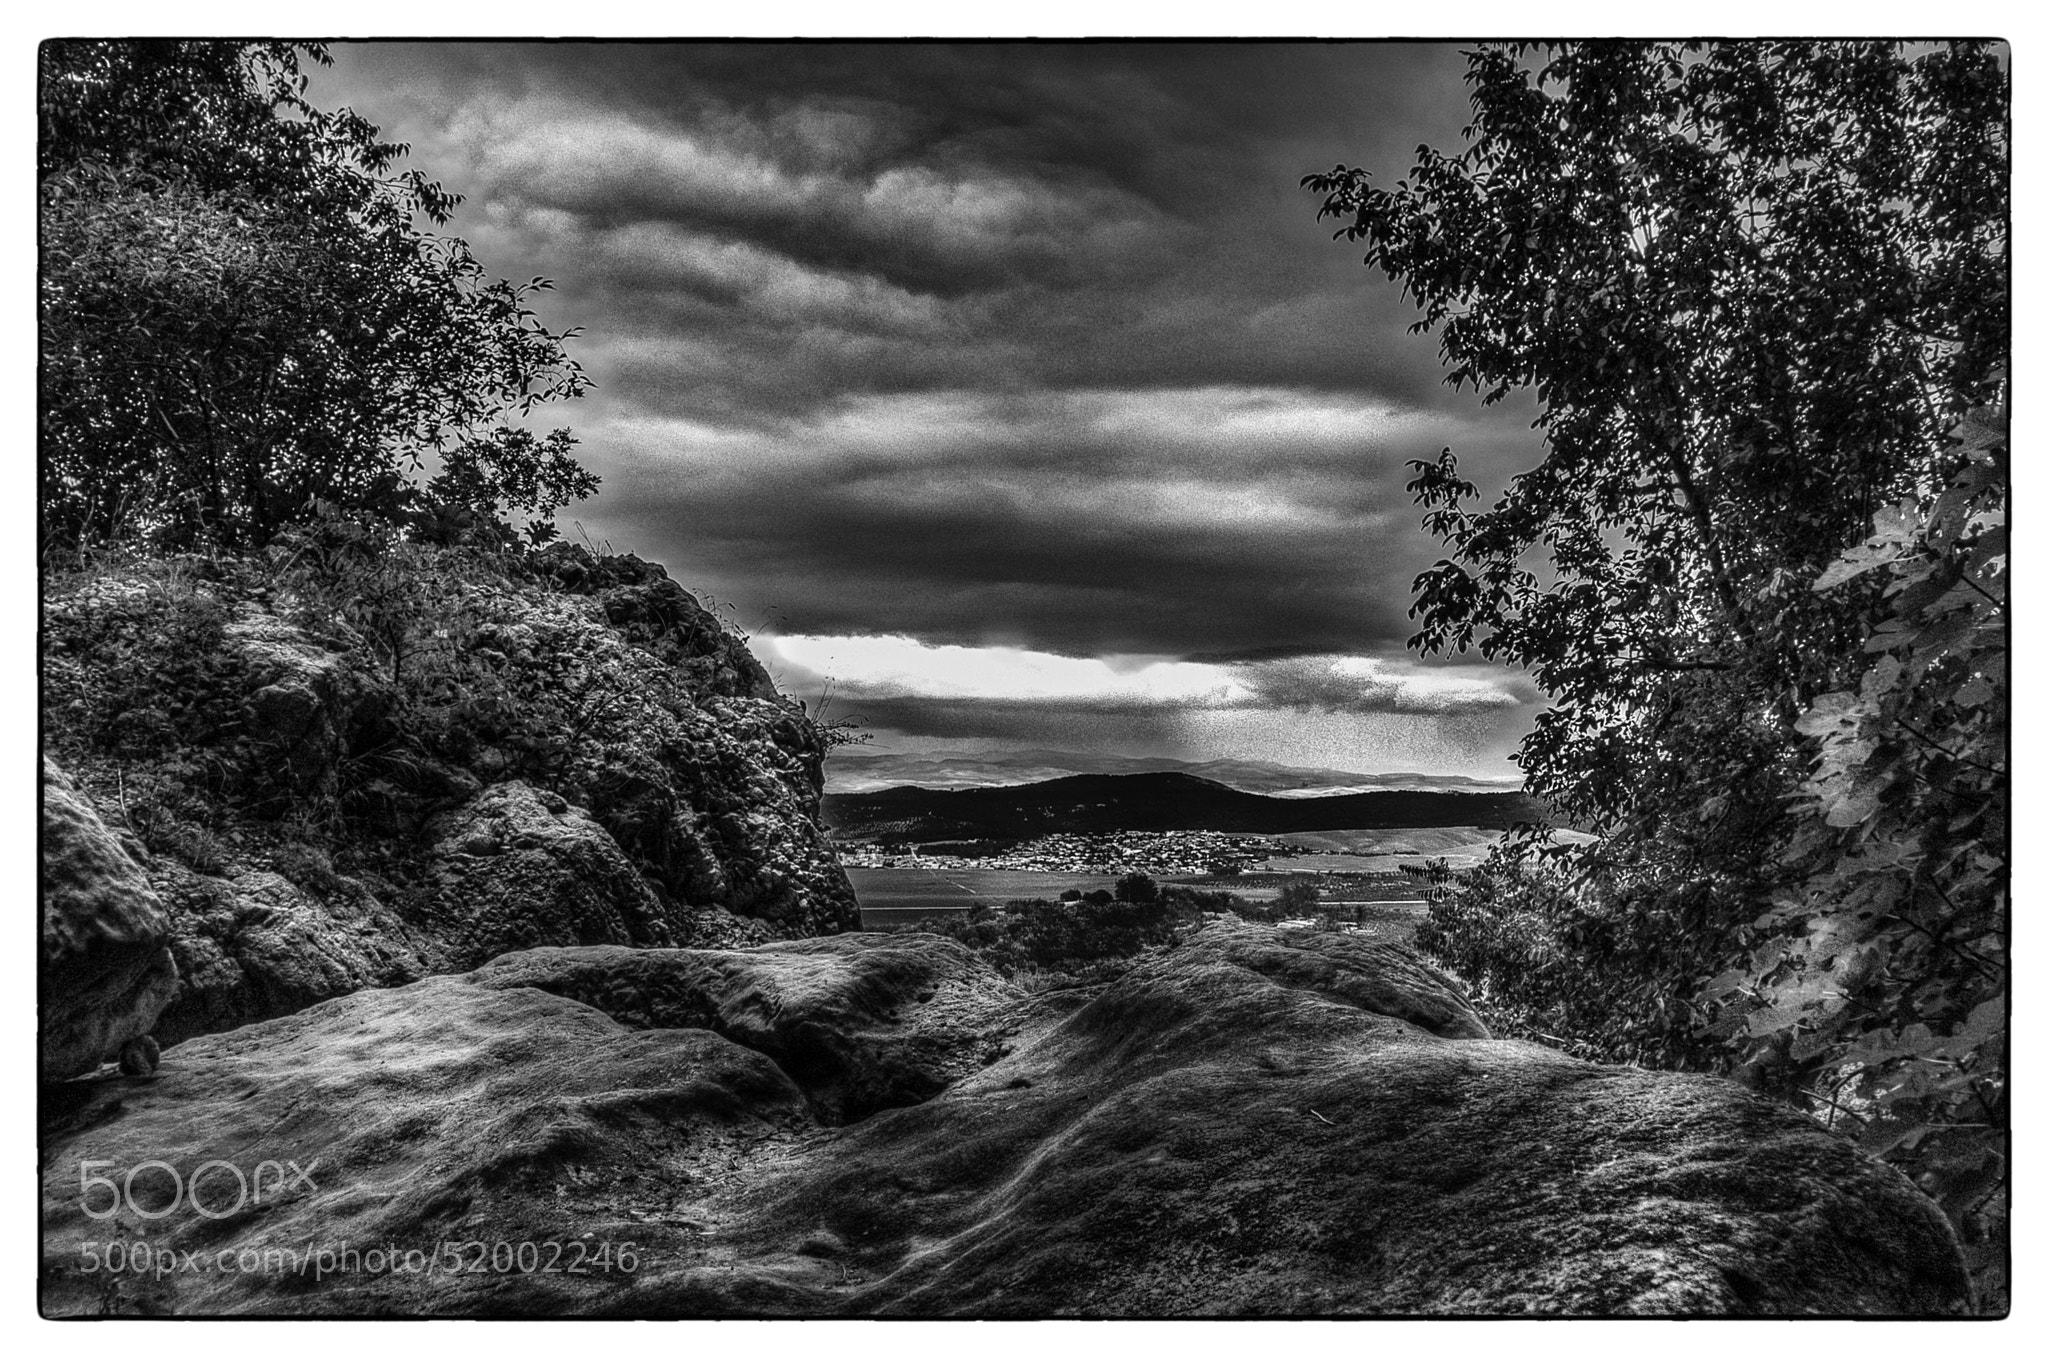 Photograph The Land by Vili Gošnak on 500px